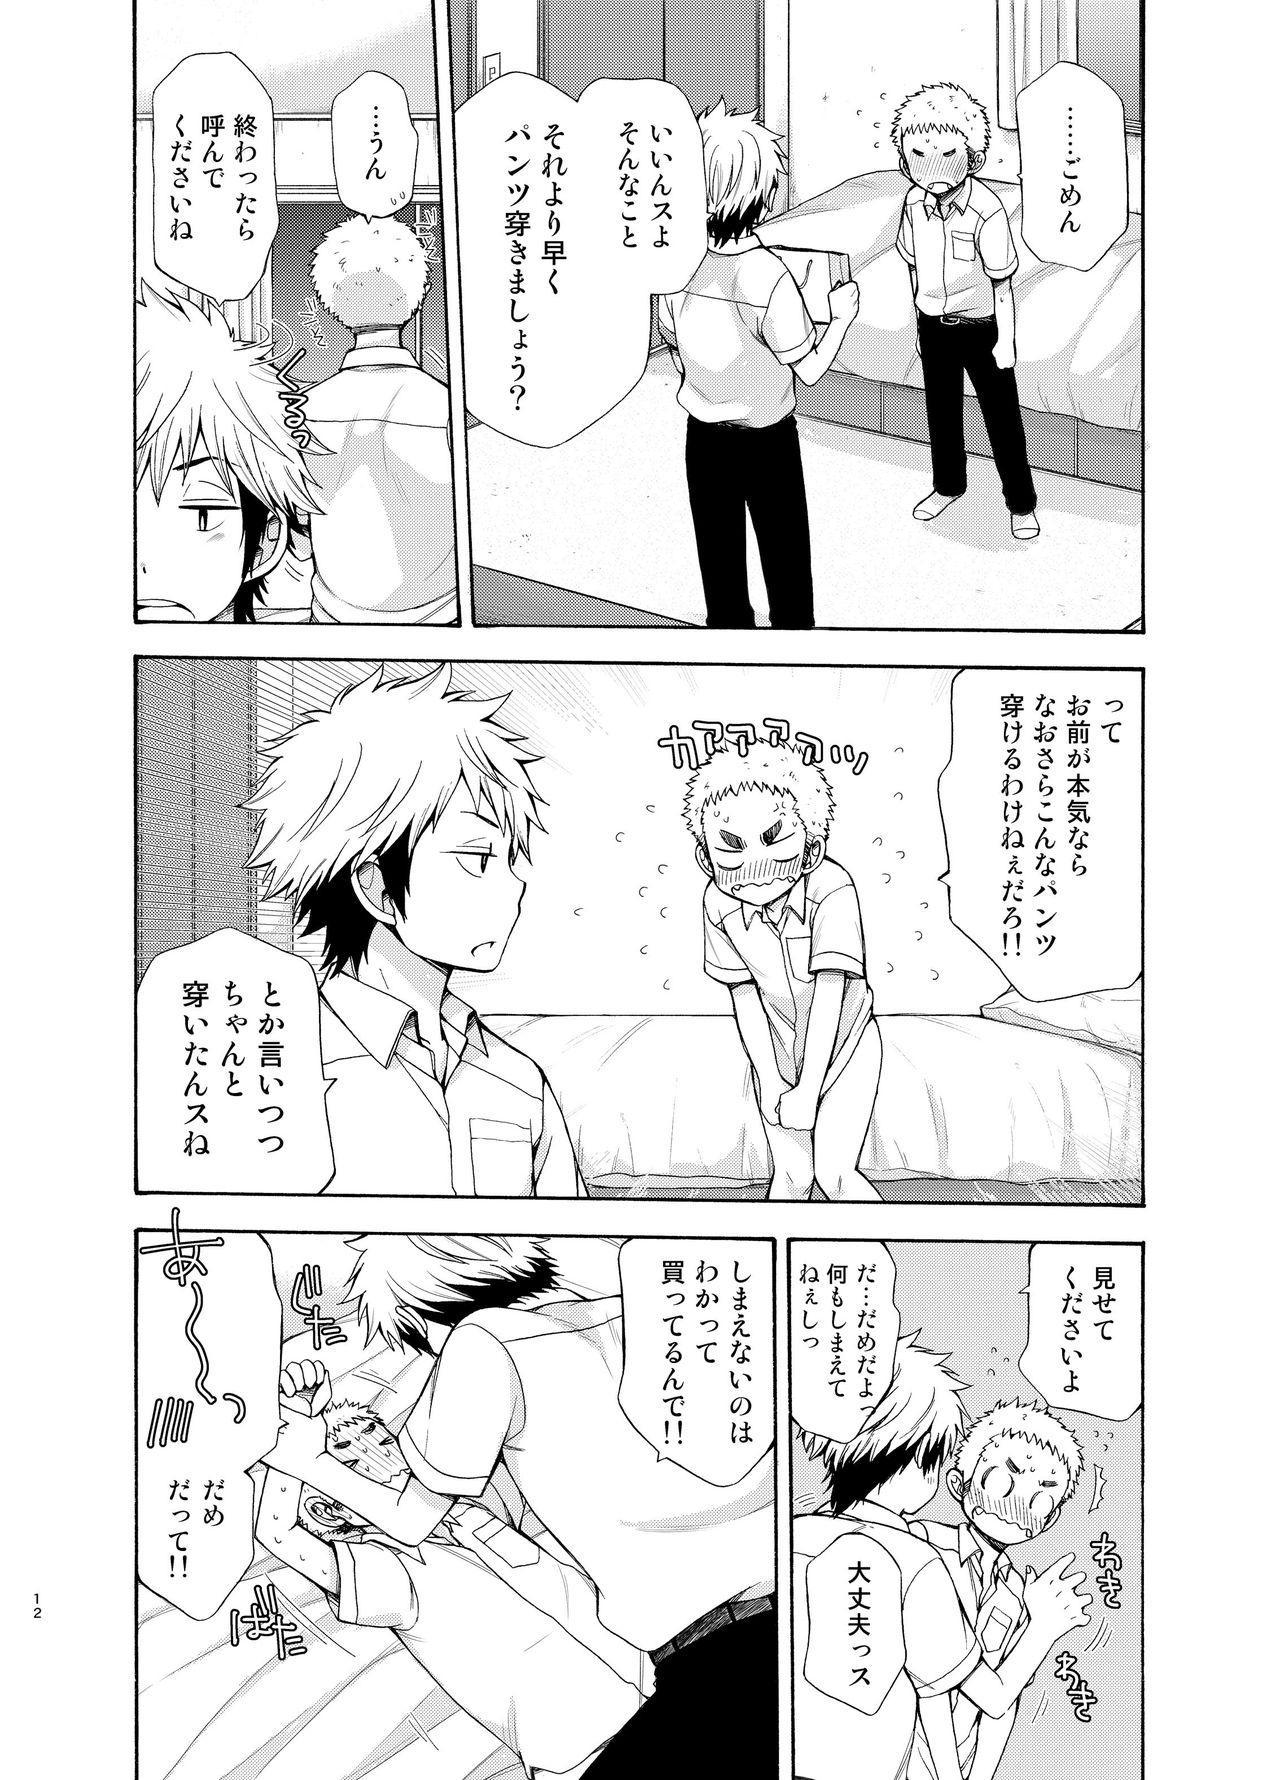 Yuuwaku ni Yowai Ore no Senpai 11